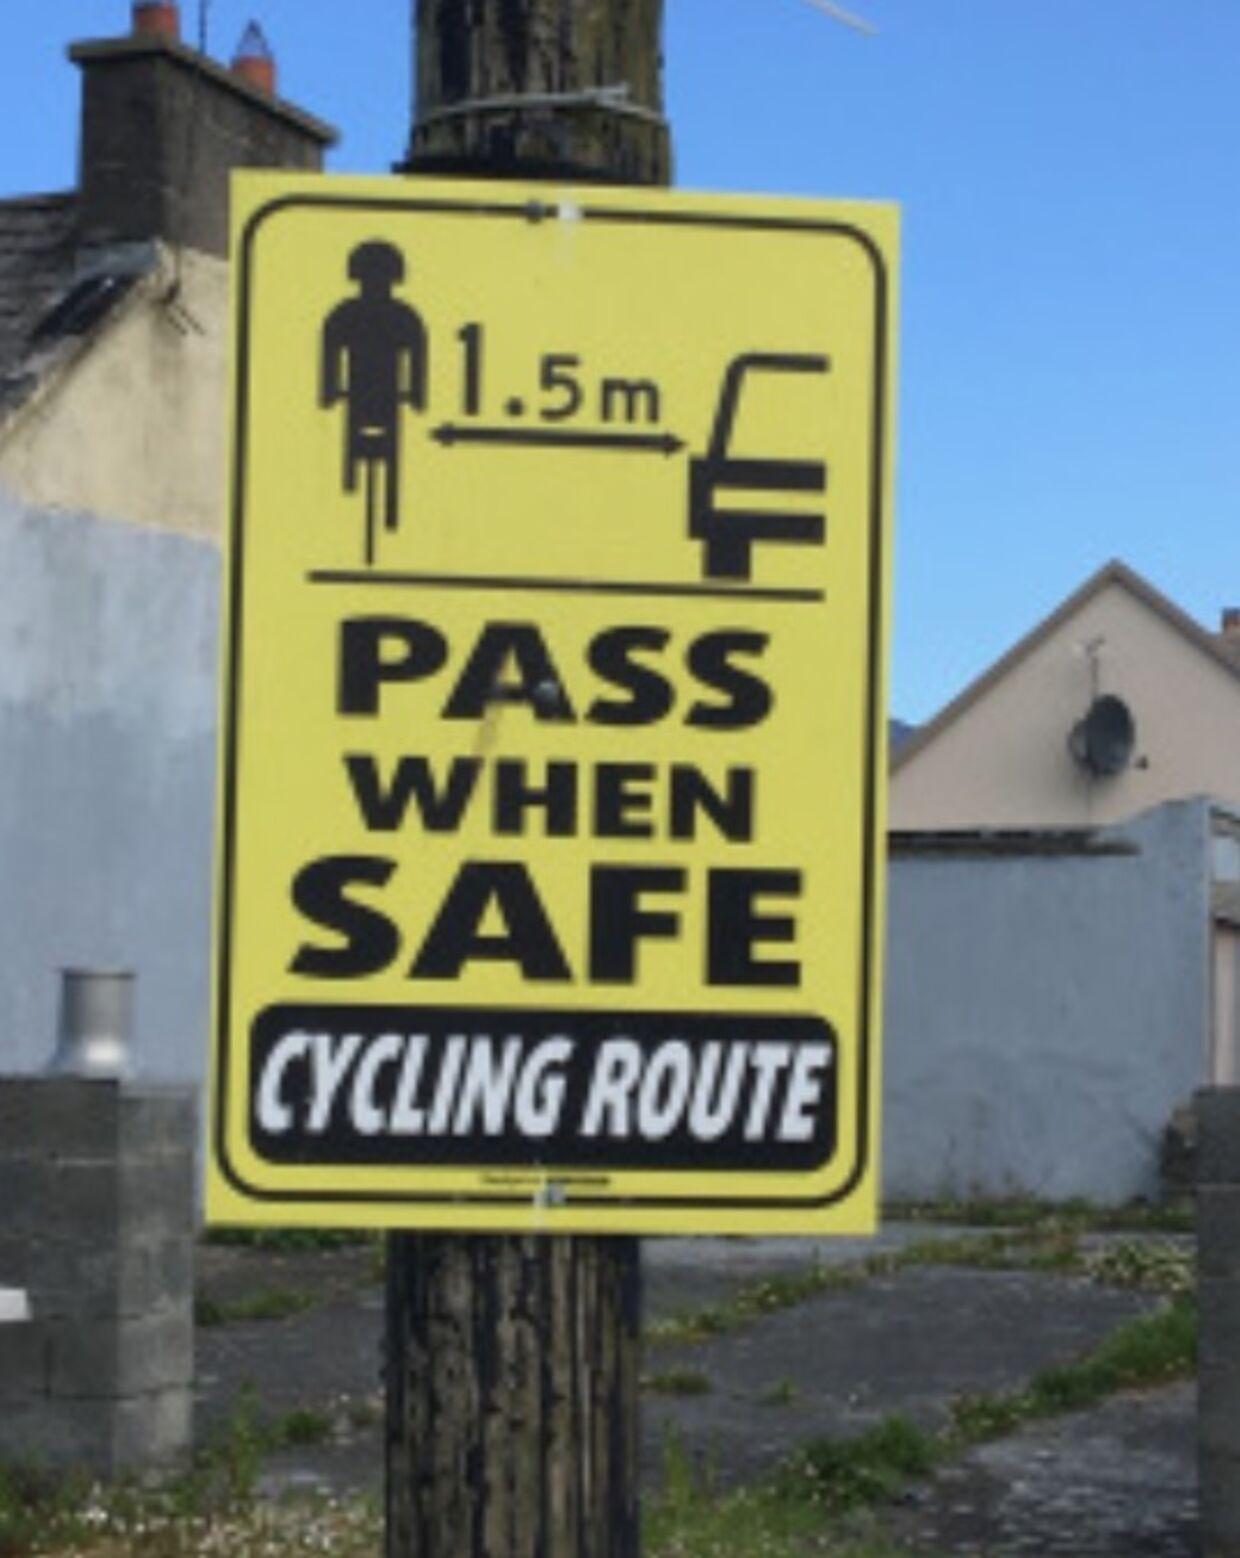 Bilisterne bliver mindet om, at der skal vises hensyn til cyklisterne.